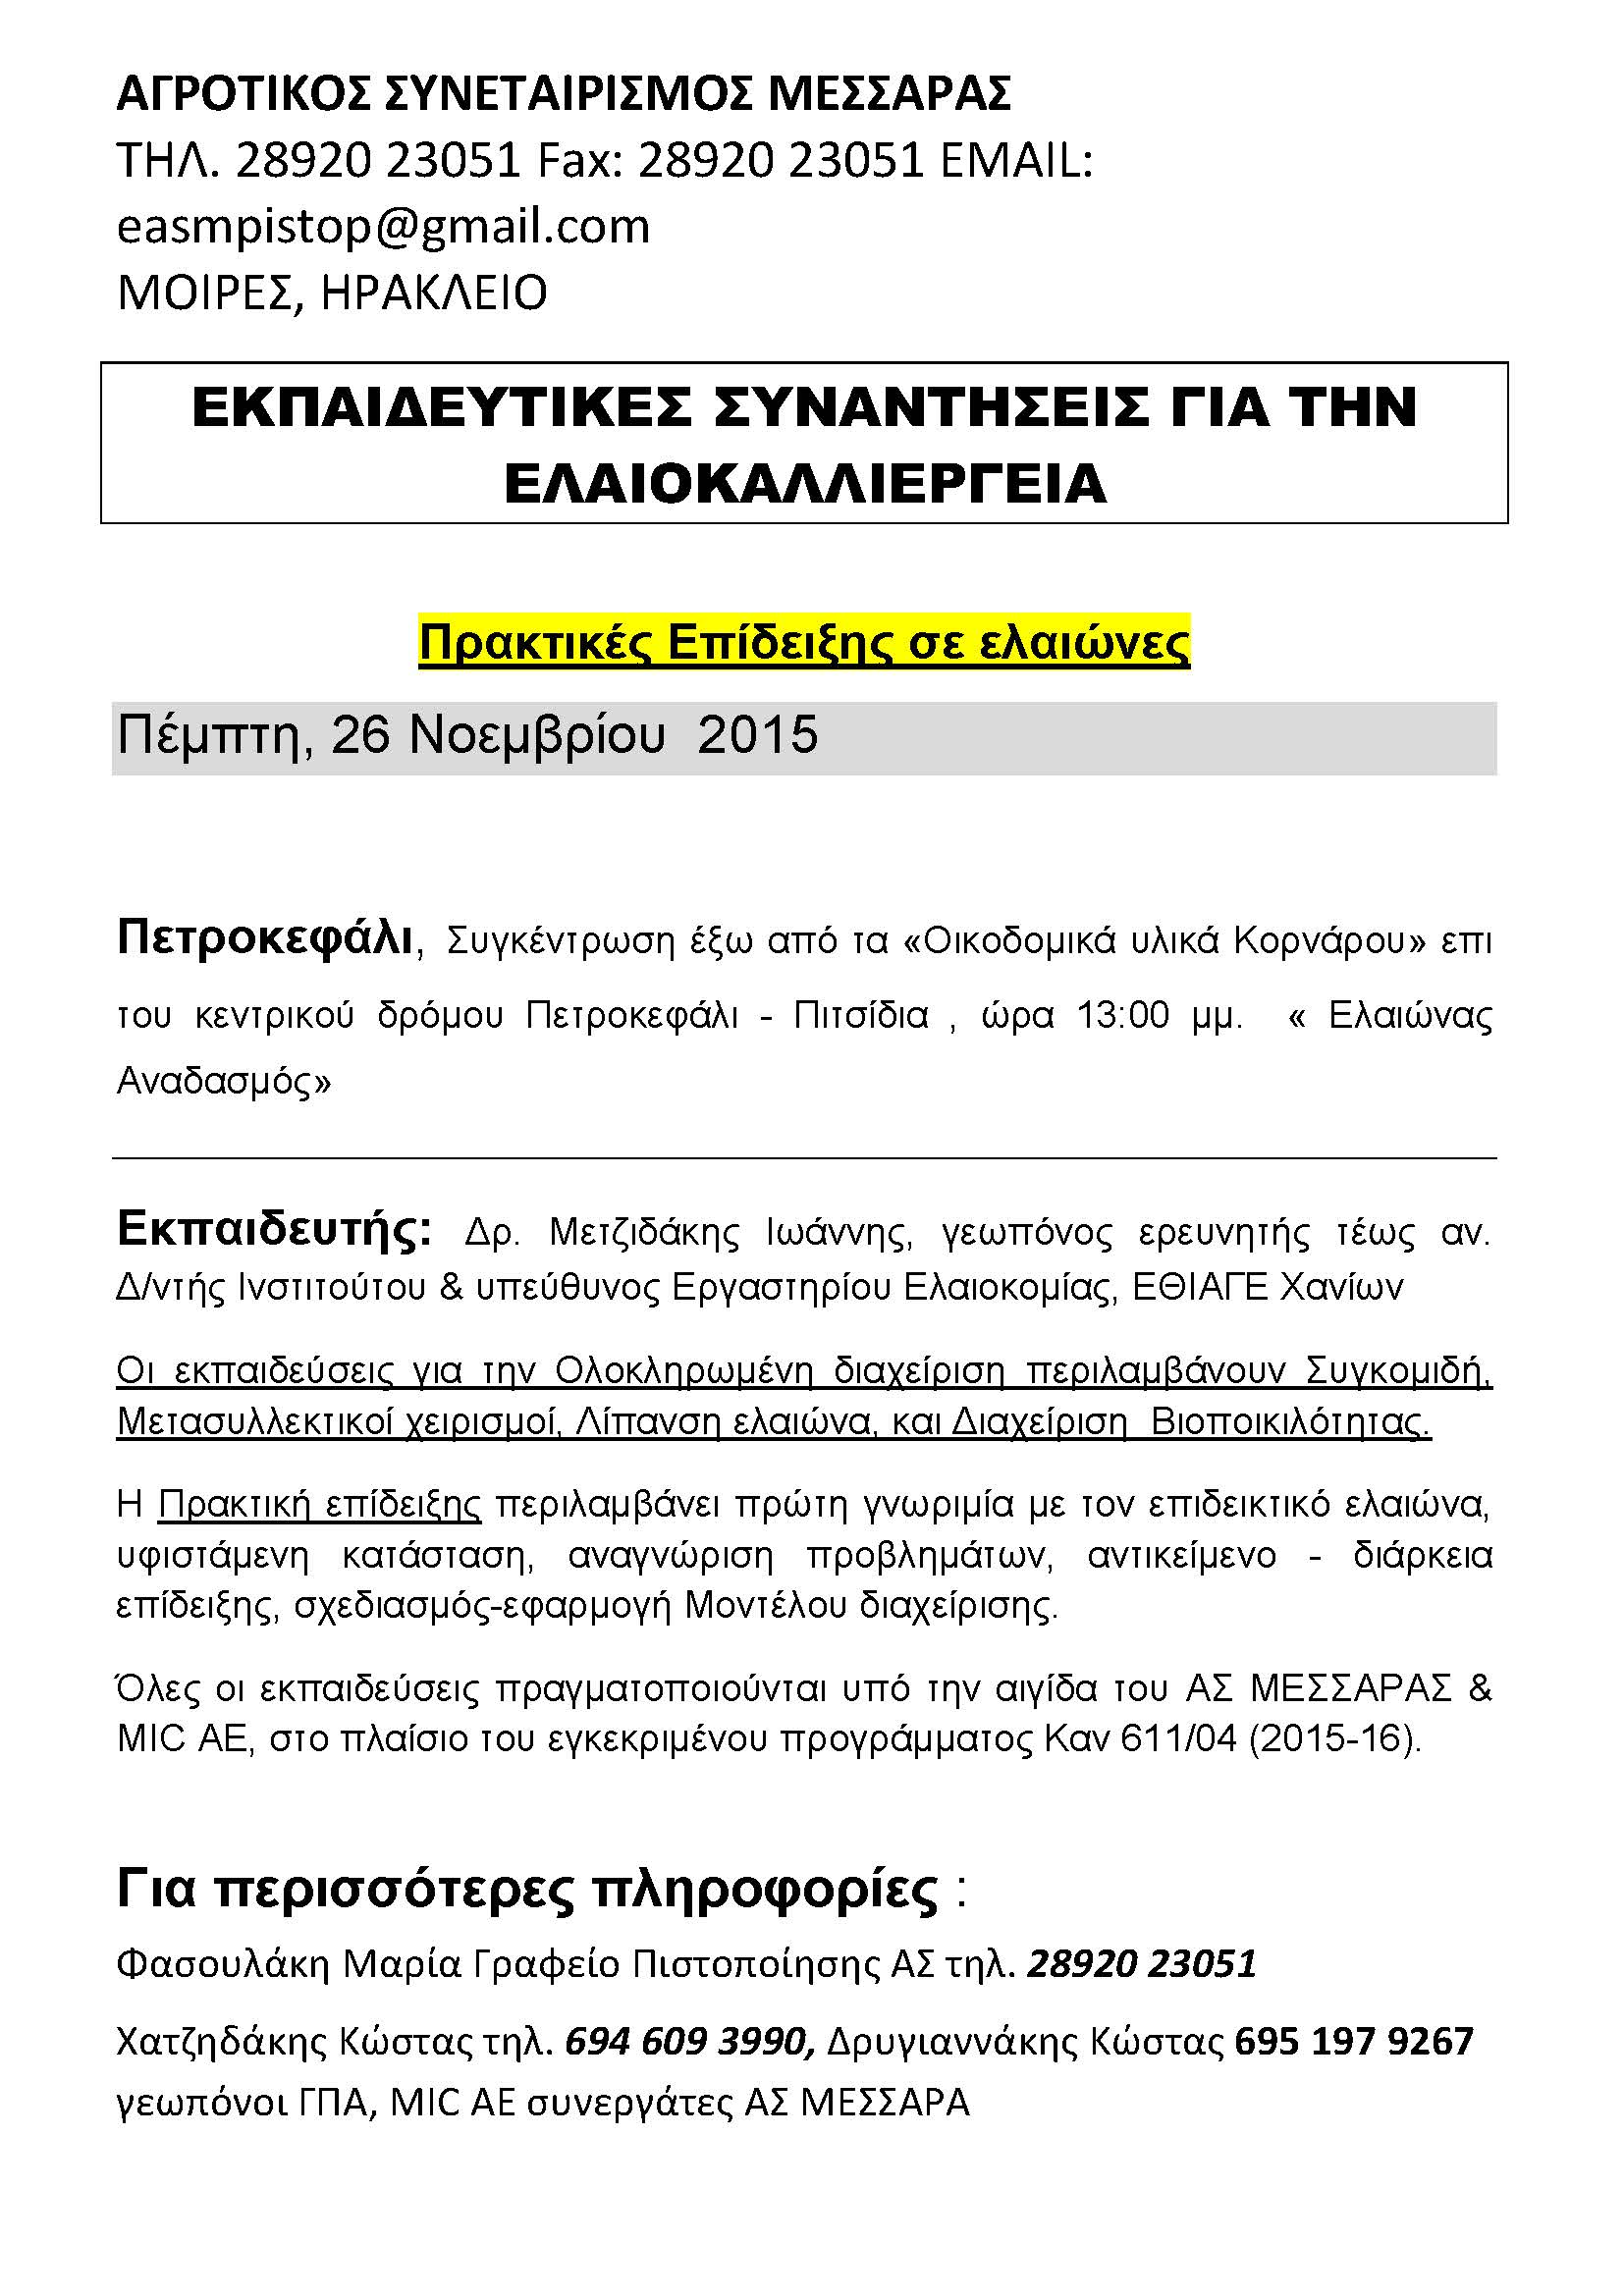 Πρόγραμμα 26.11.2015